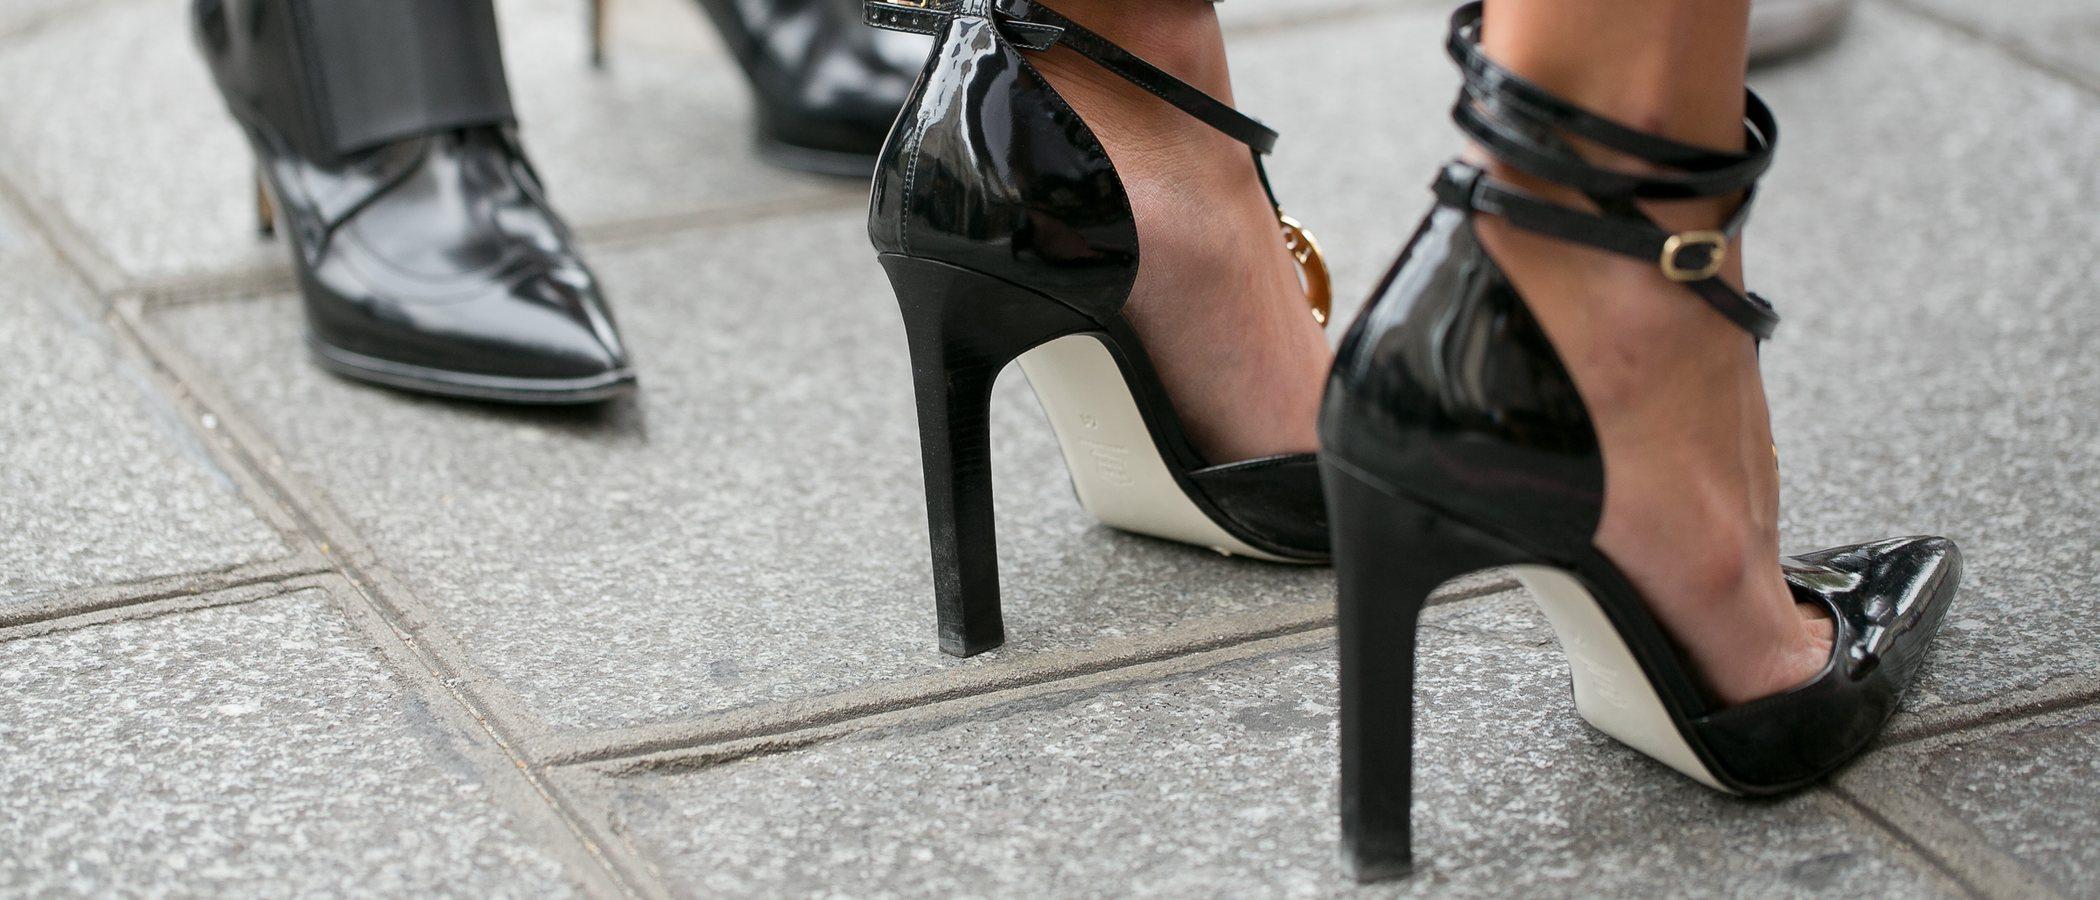 d2a2994672 Consejos para elegir zapatos de fiesta - Bekia Moda